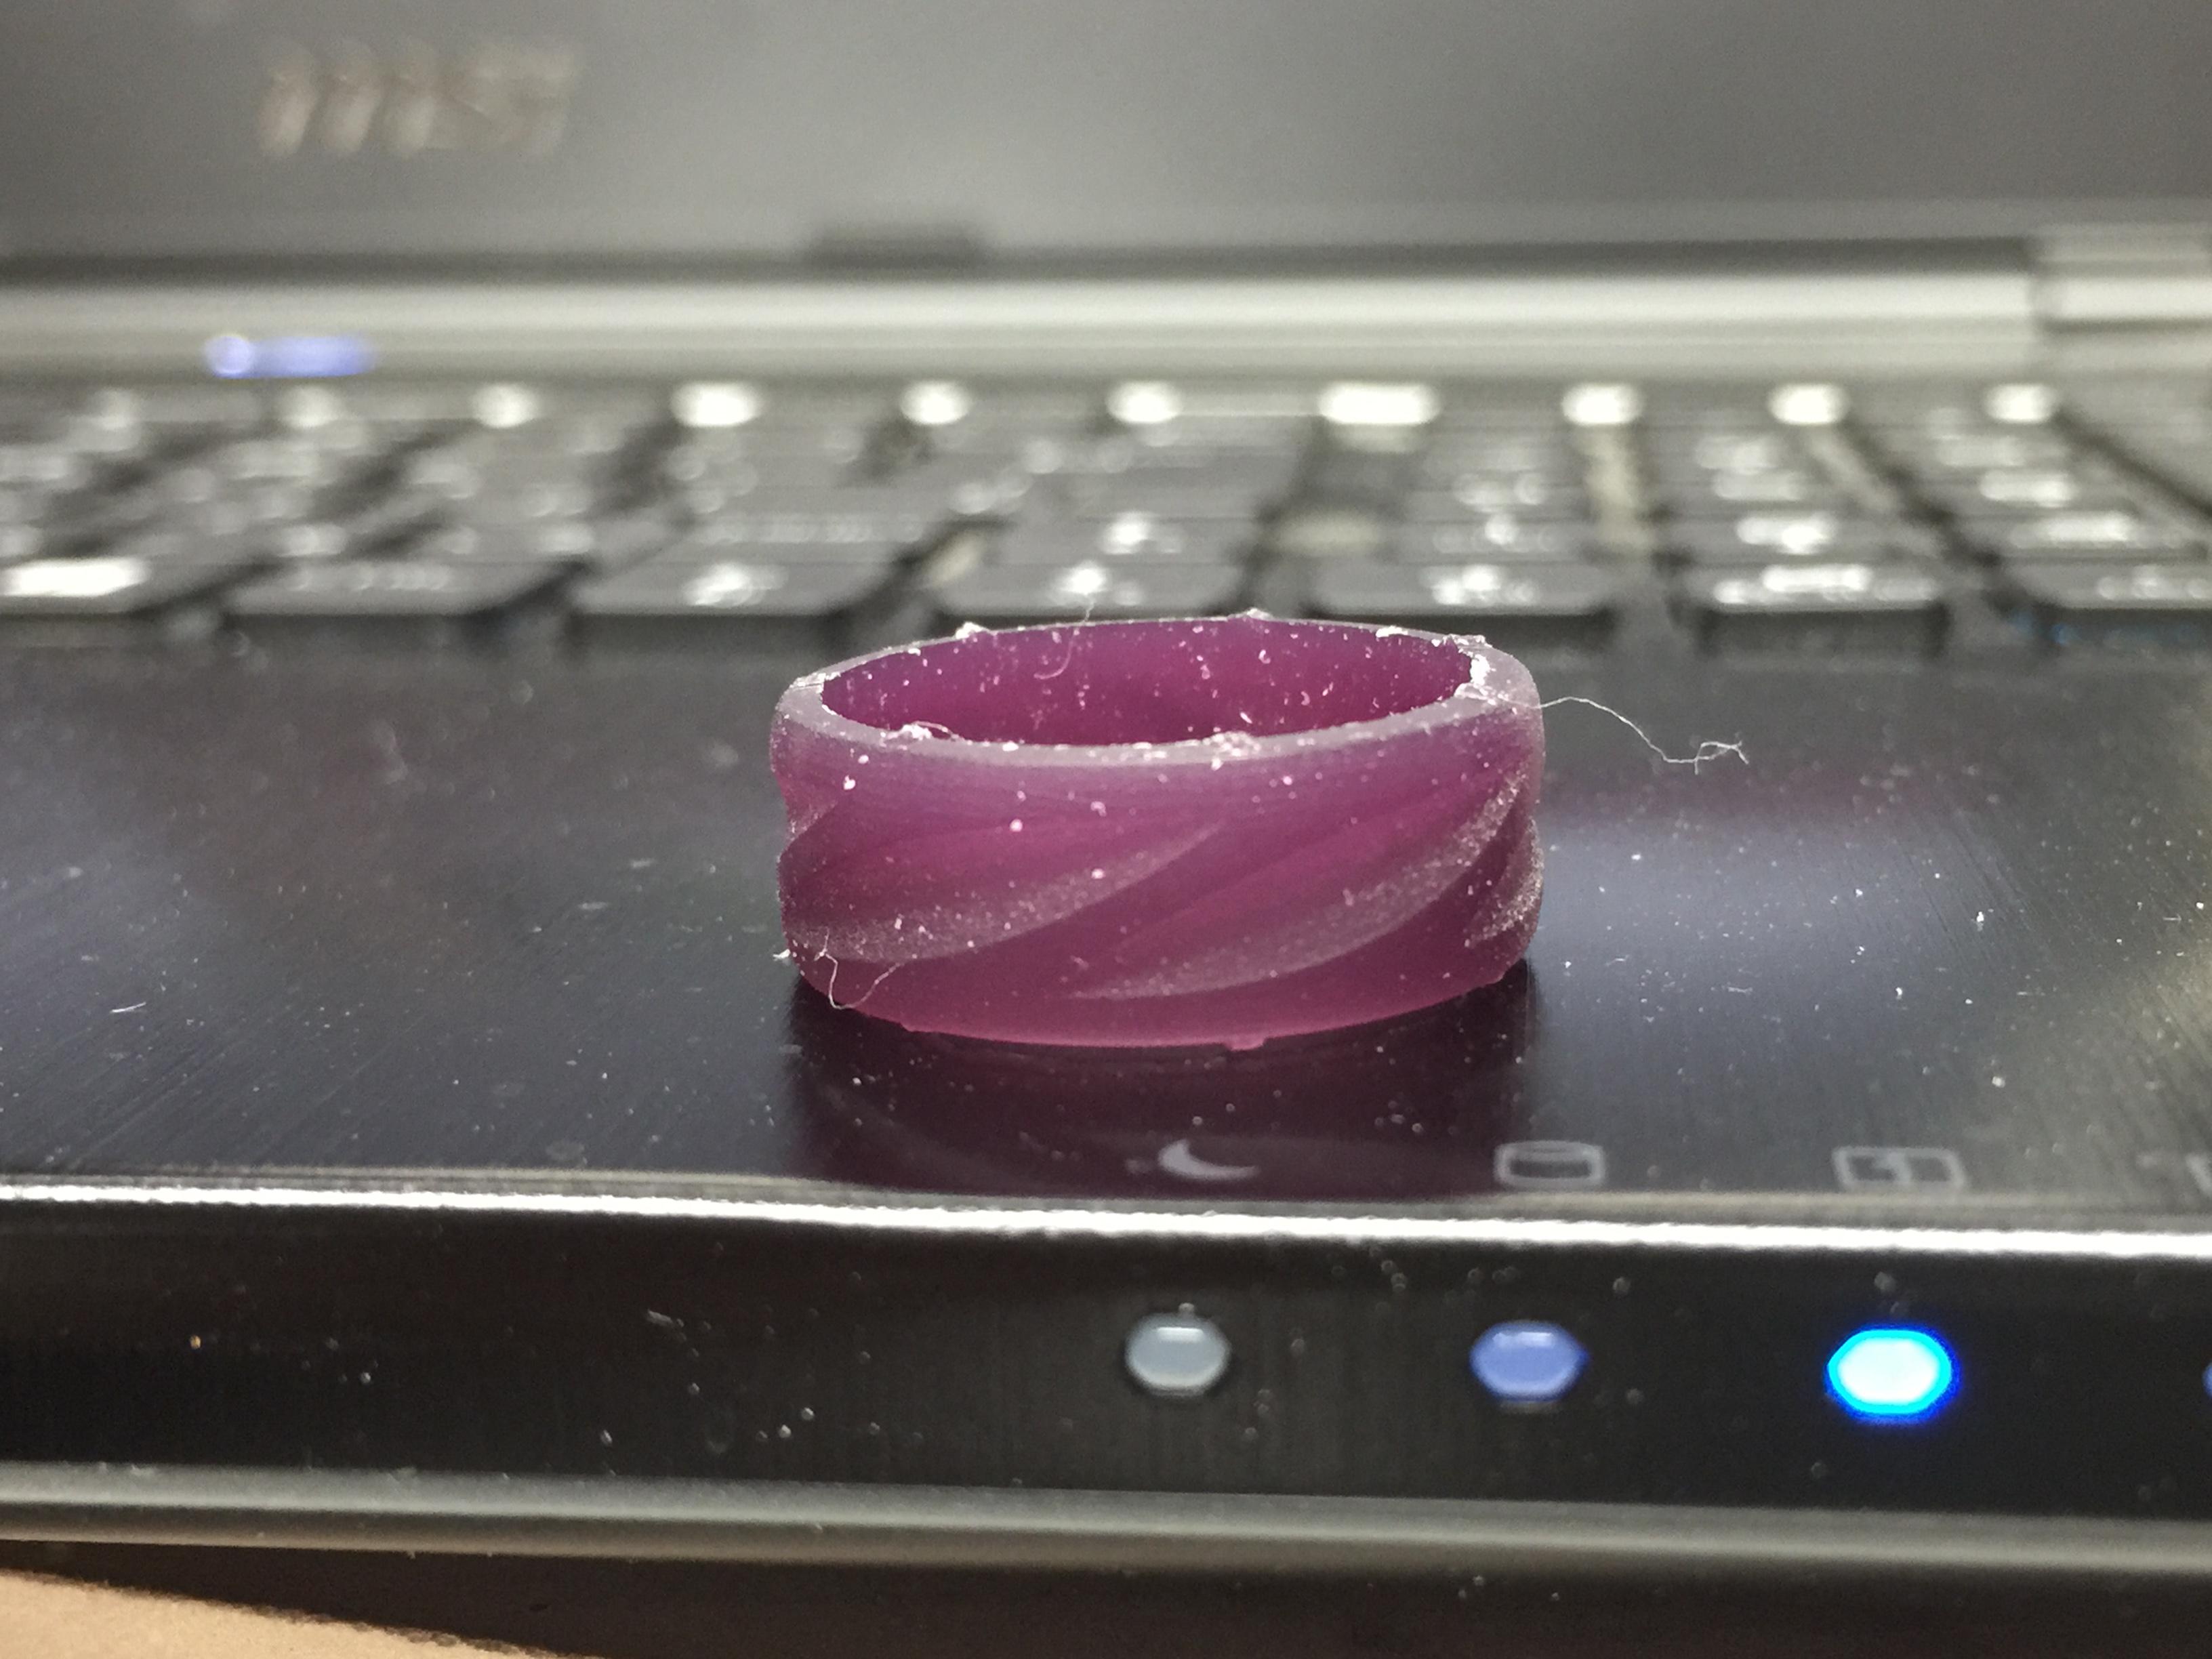 3D-CADでデザインし3Dプリンターで原型を作れば 綺麗に原型を作ることができます。